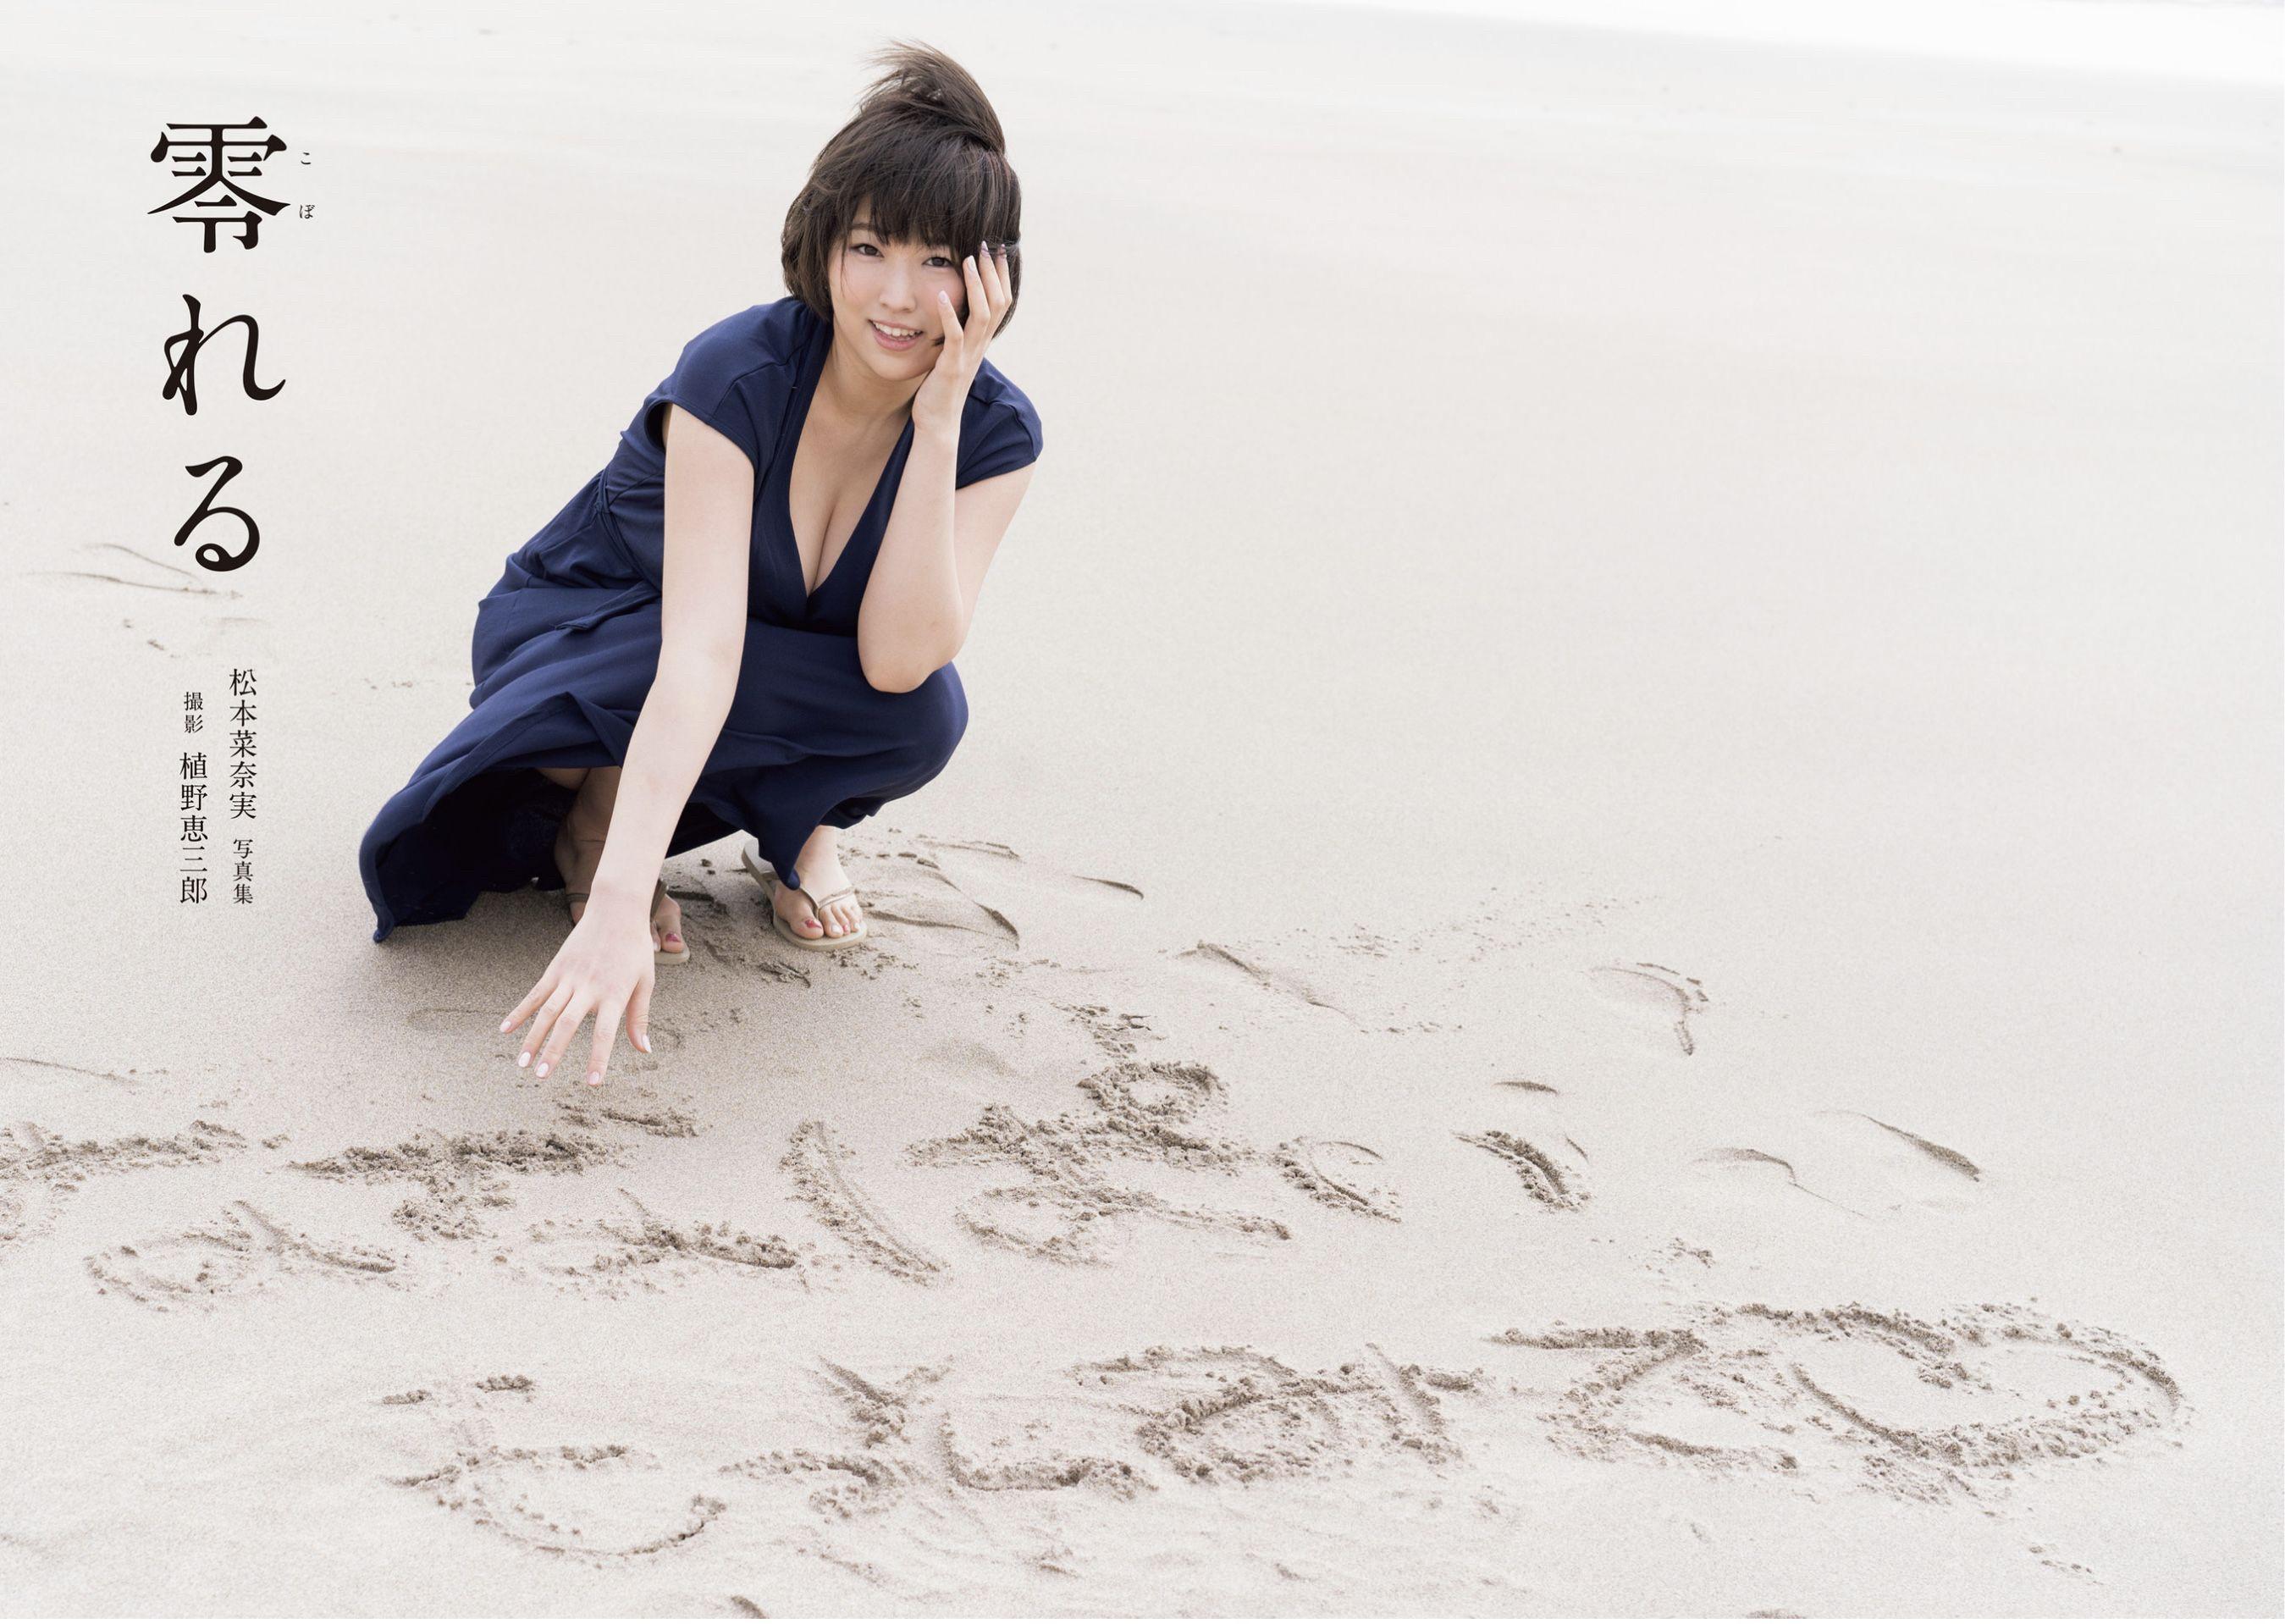 松本菜奈実 写真集「零れる」photo 002